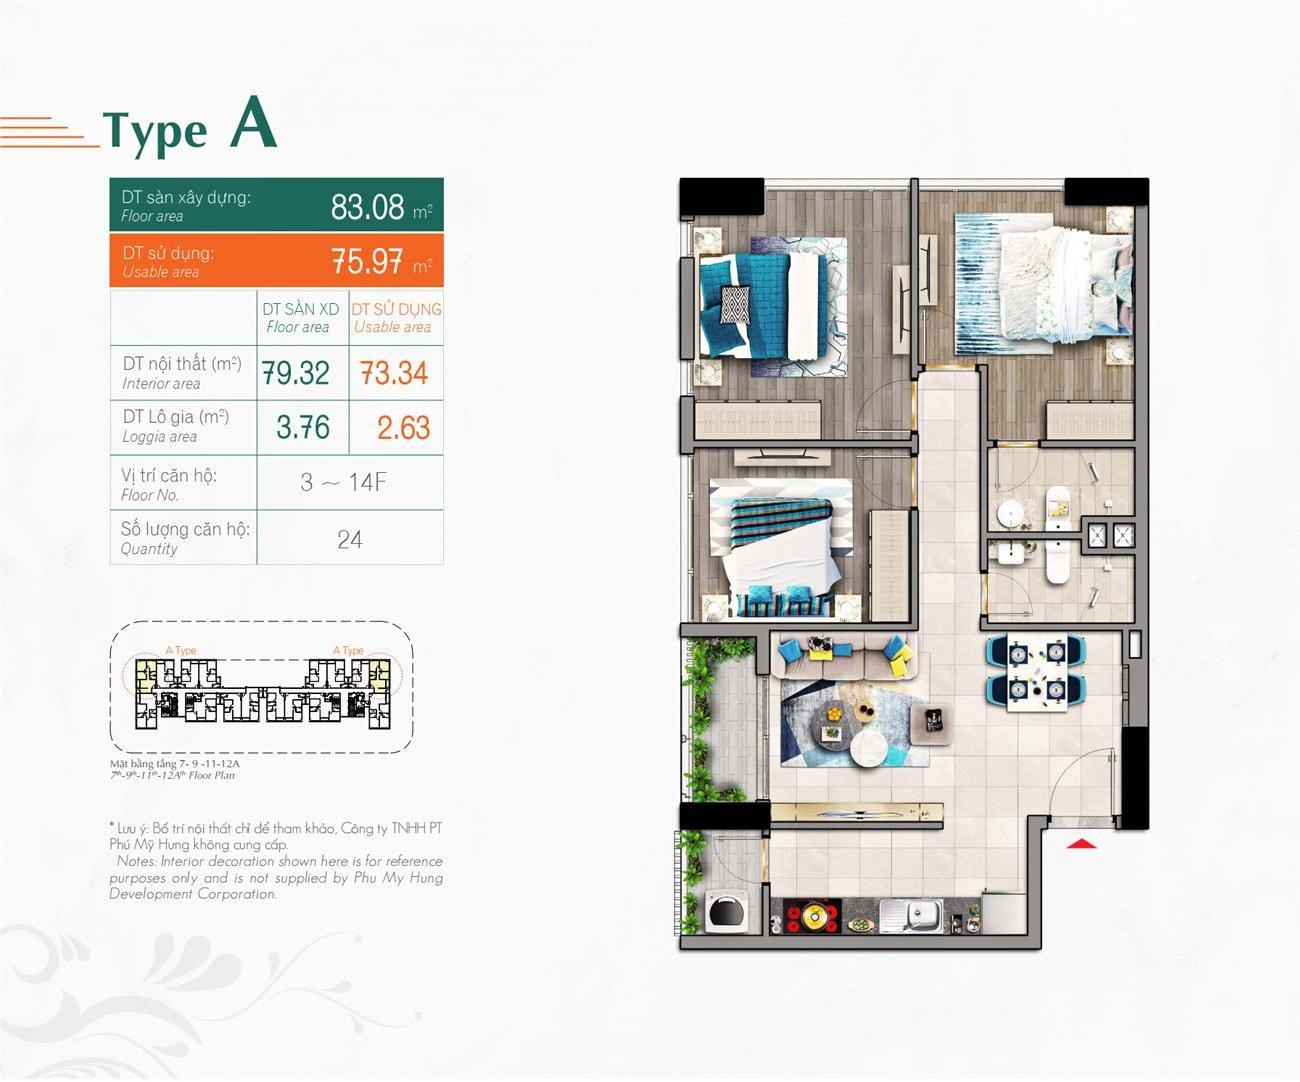 Kiểu căn hộ Type A Hưng Phúc Premier